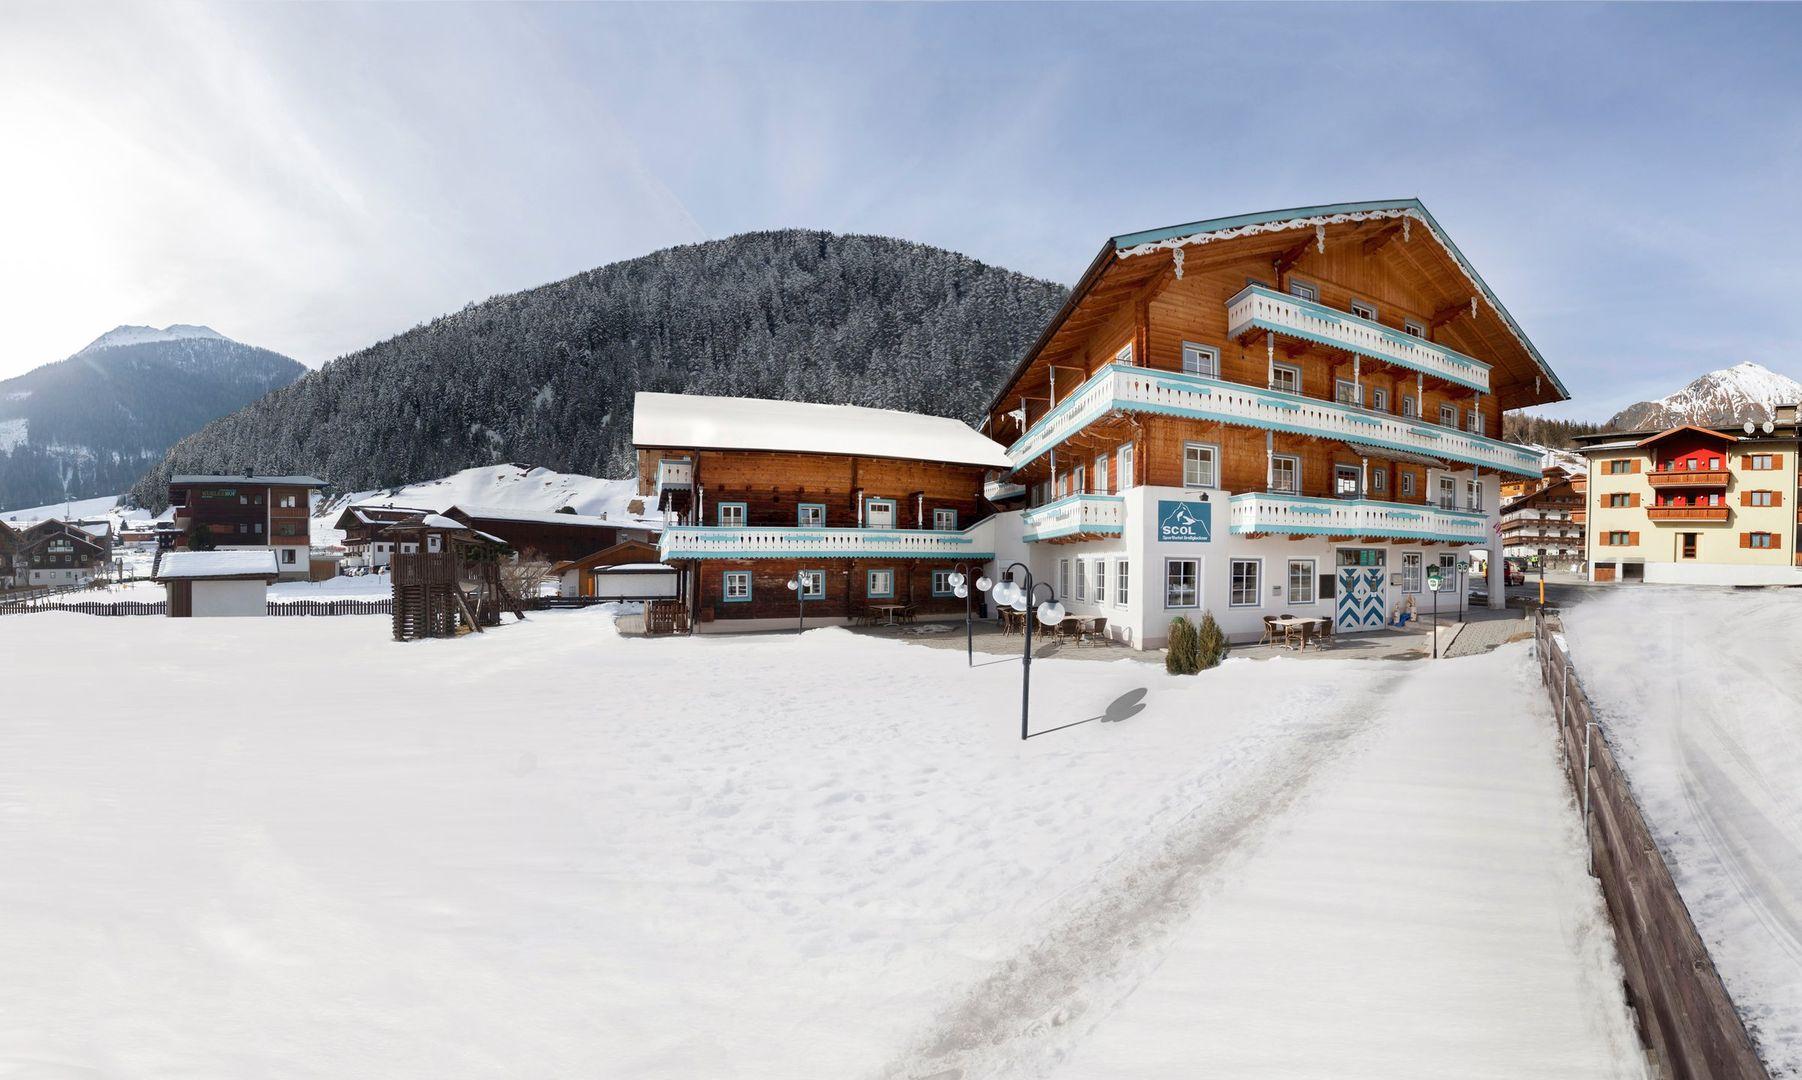 SCOL Sporthotel Grossglockner - Slide 1